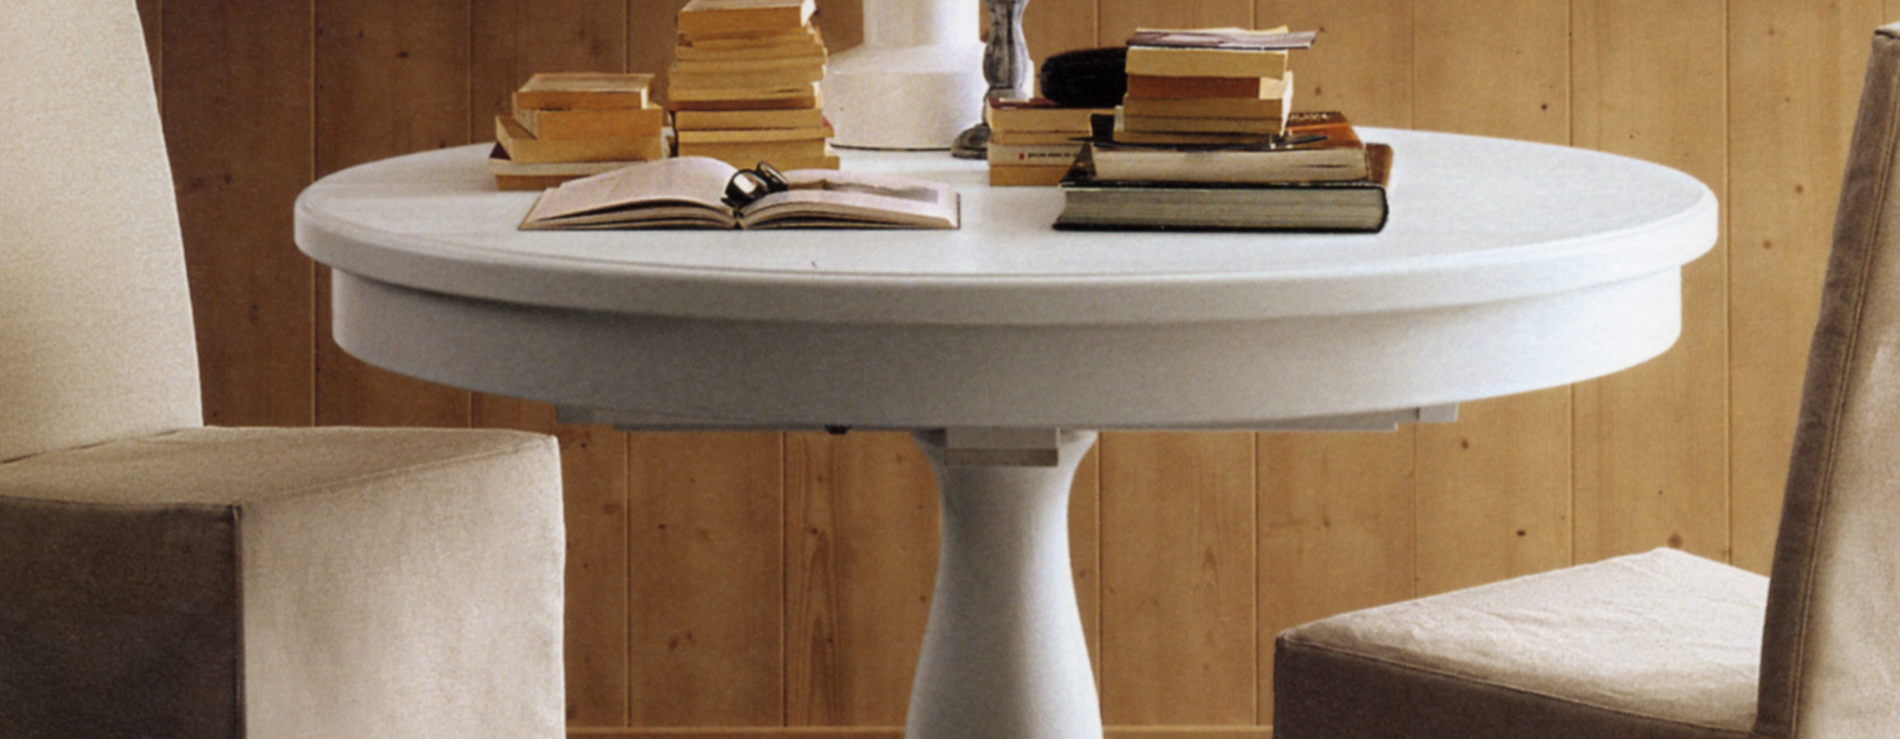 Tavolo rotondo allungabile scandola centro mobili - Tavolo rotondo allungabile bianco ...